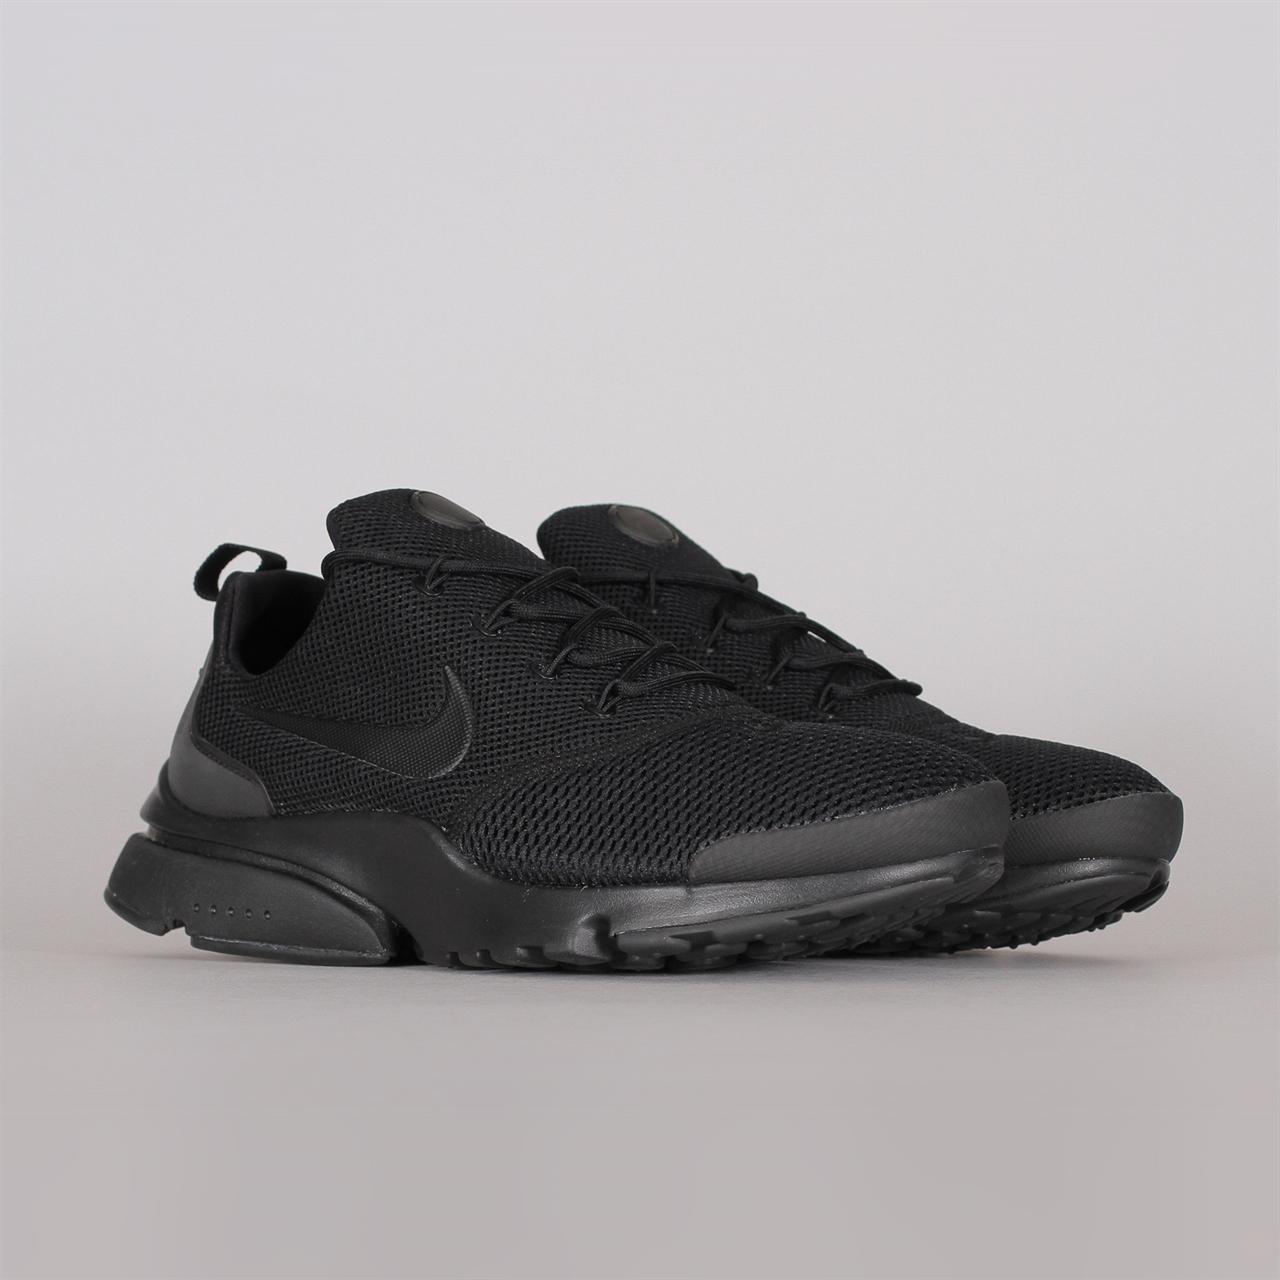 Shelta - Nike Sportswear Presto Fly (908019-001) 06cde738a